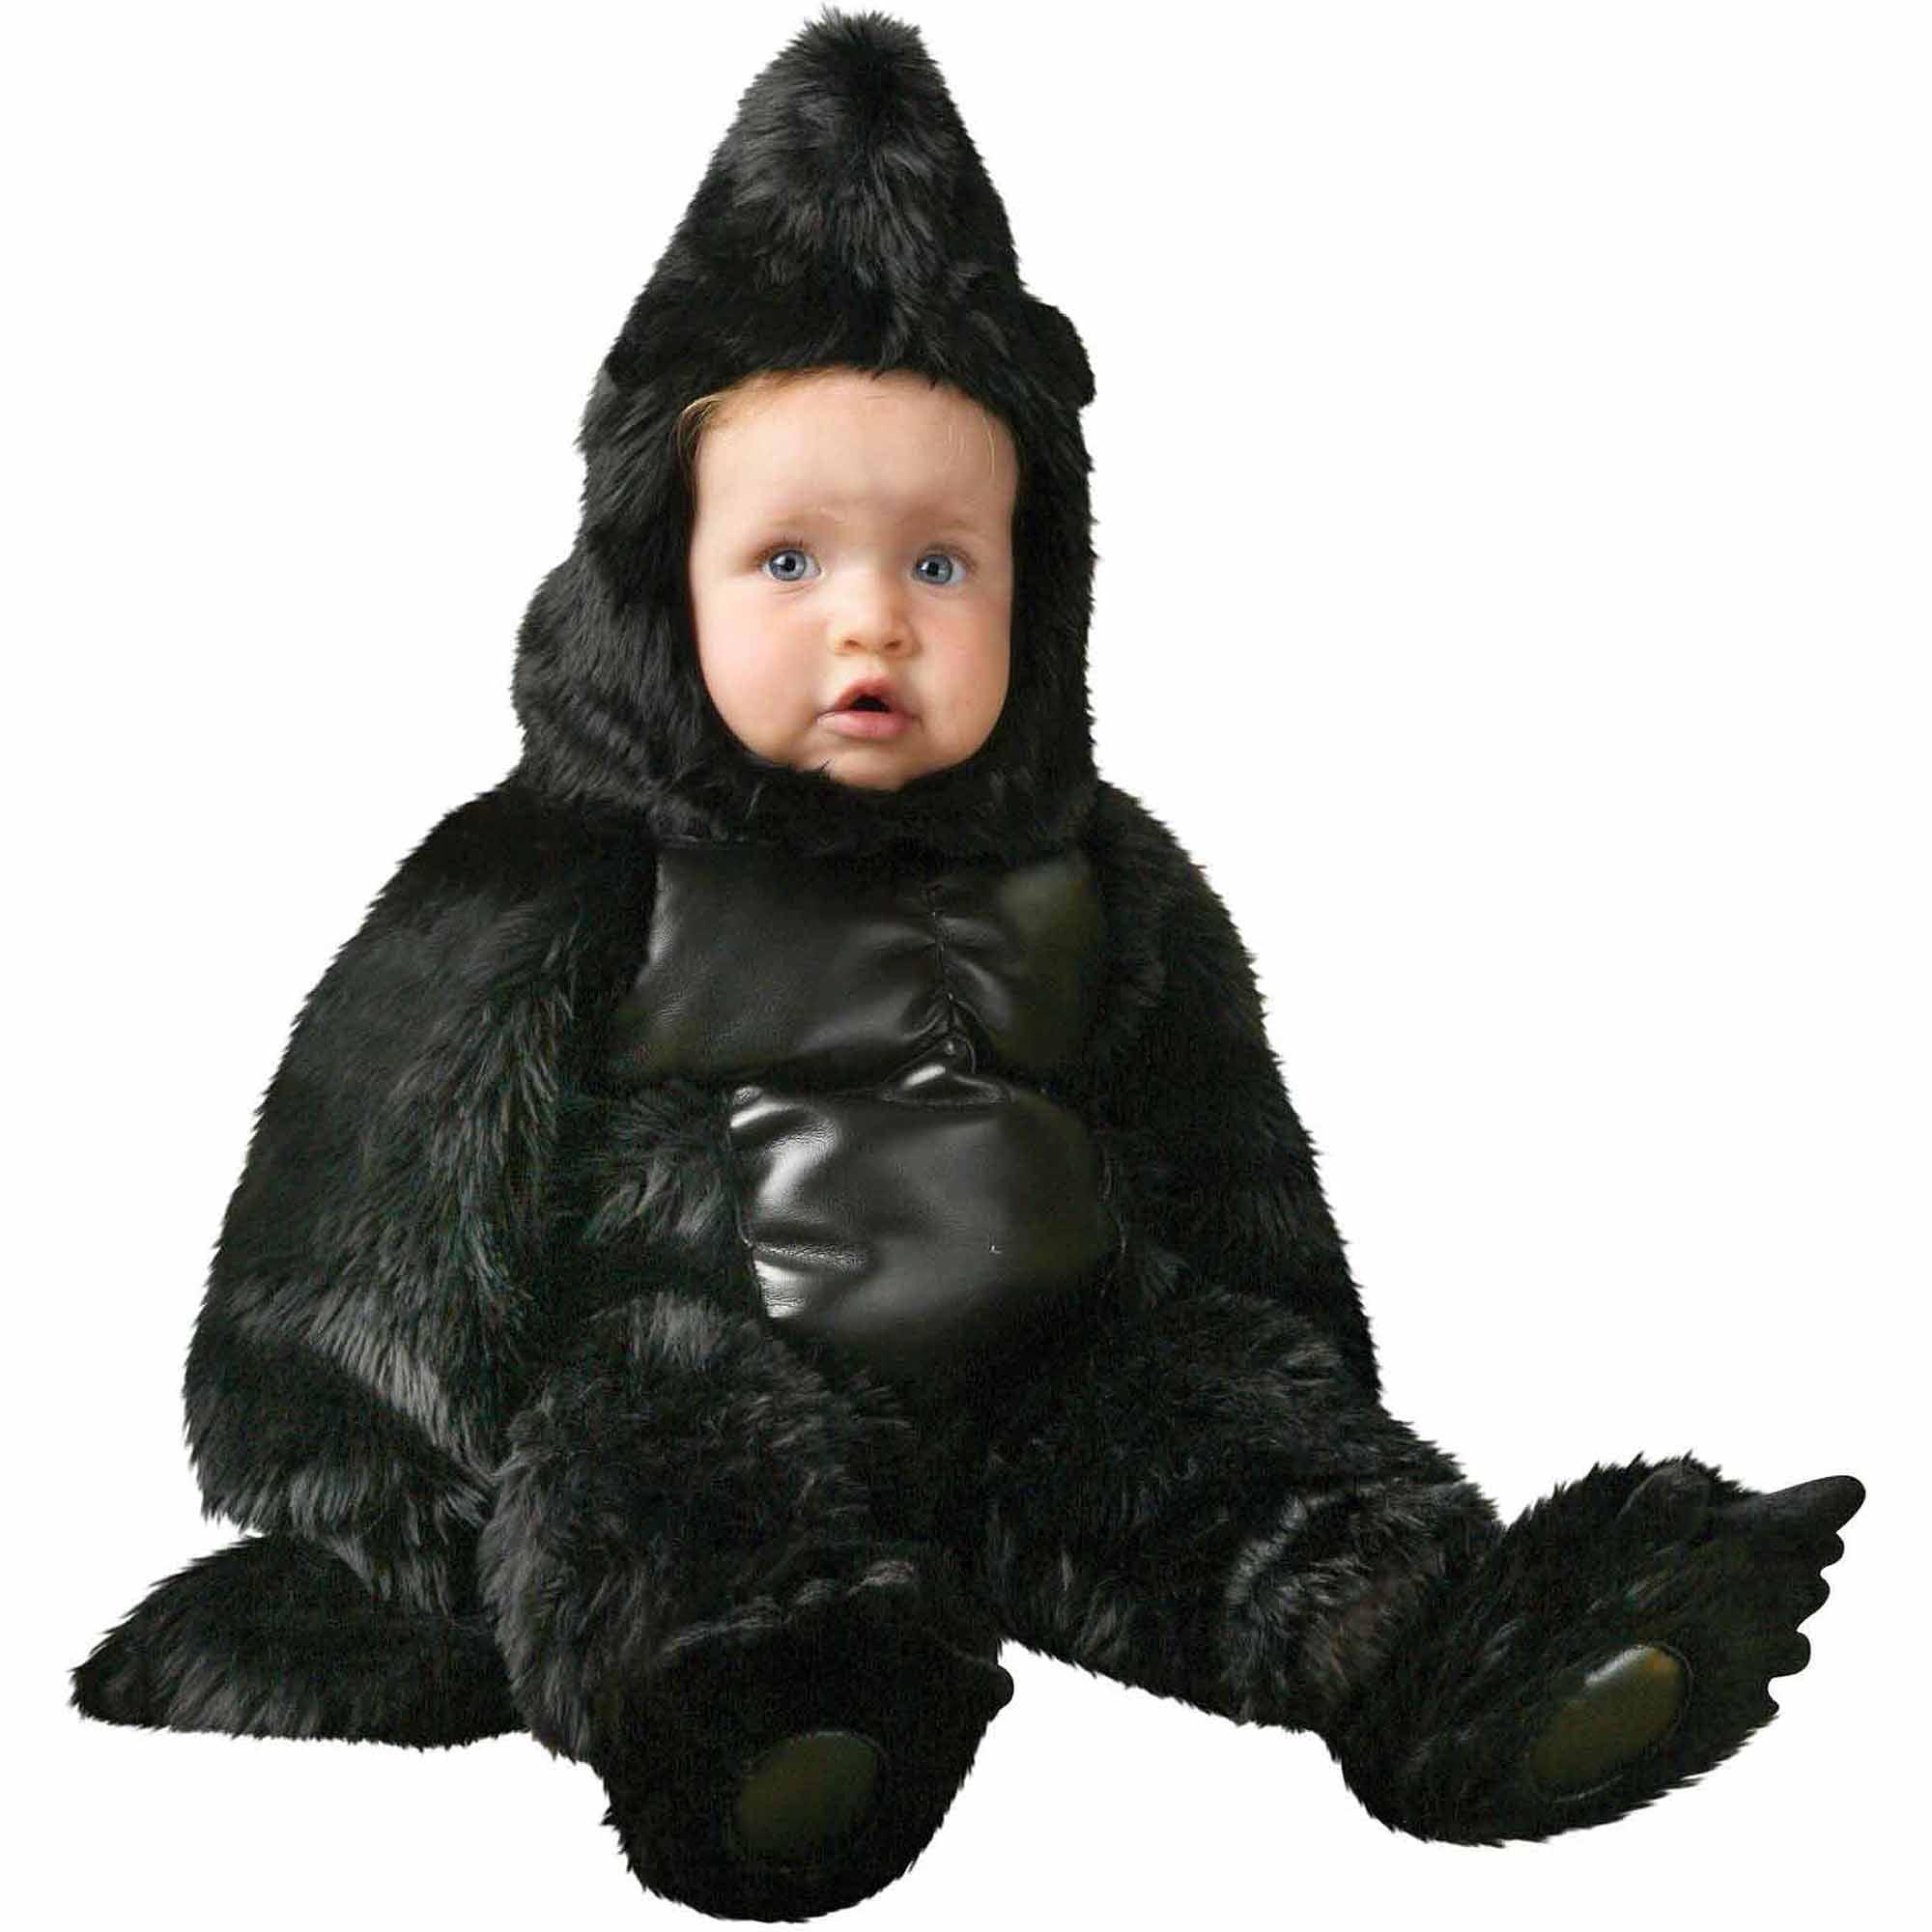 Gorilla Deluxe Toddler Halloween Costume